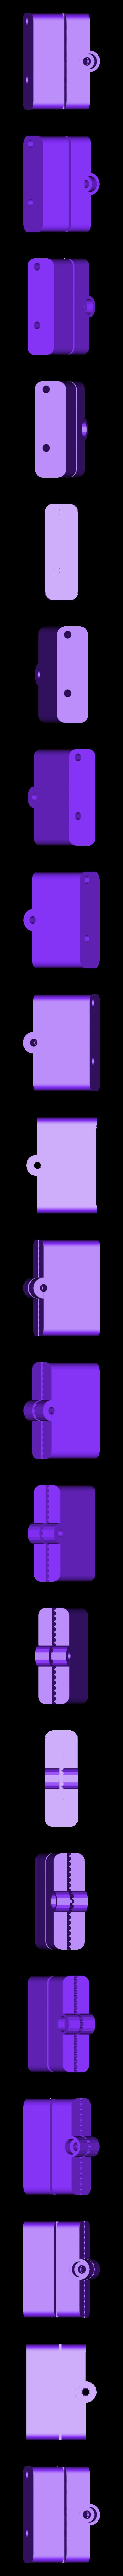 Grip01.STL Download free STL file Mammut - Giant printer. • 3D printable model, tahustvedt